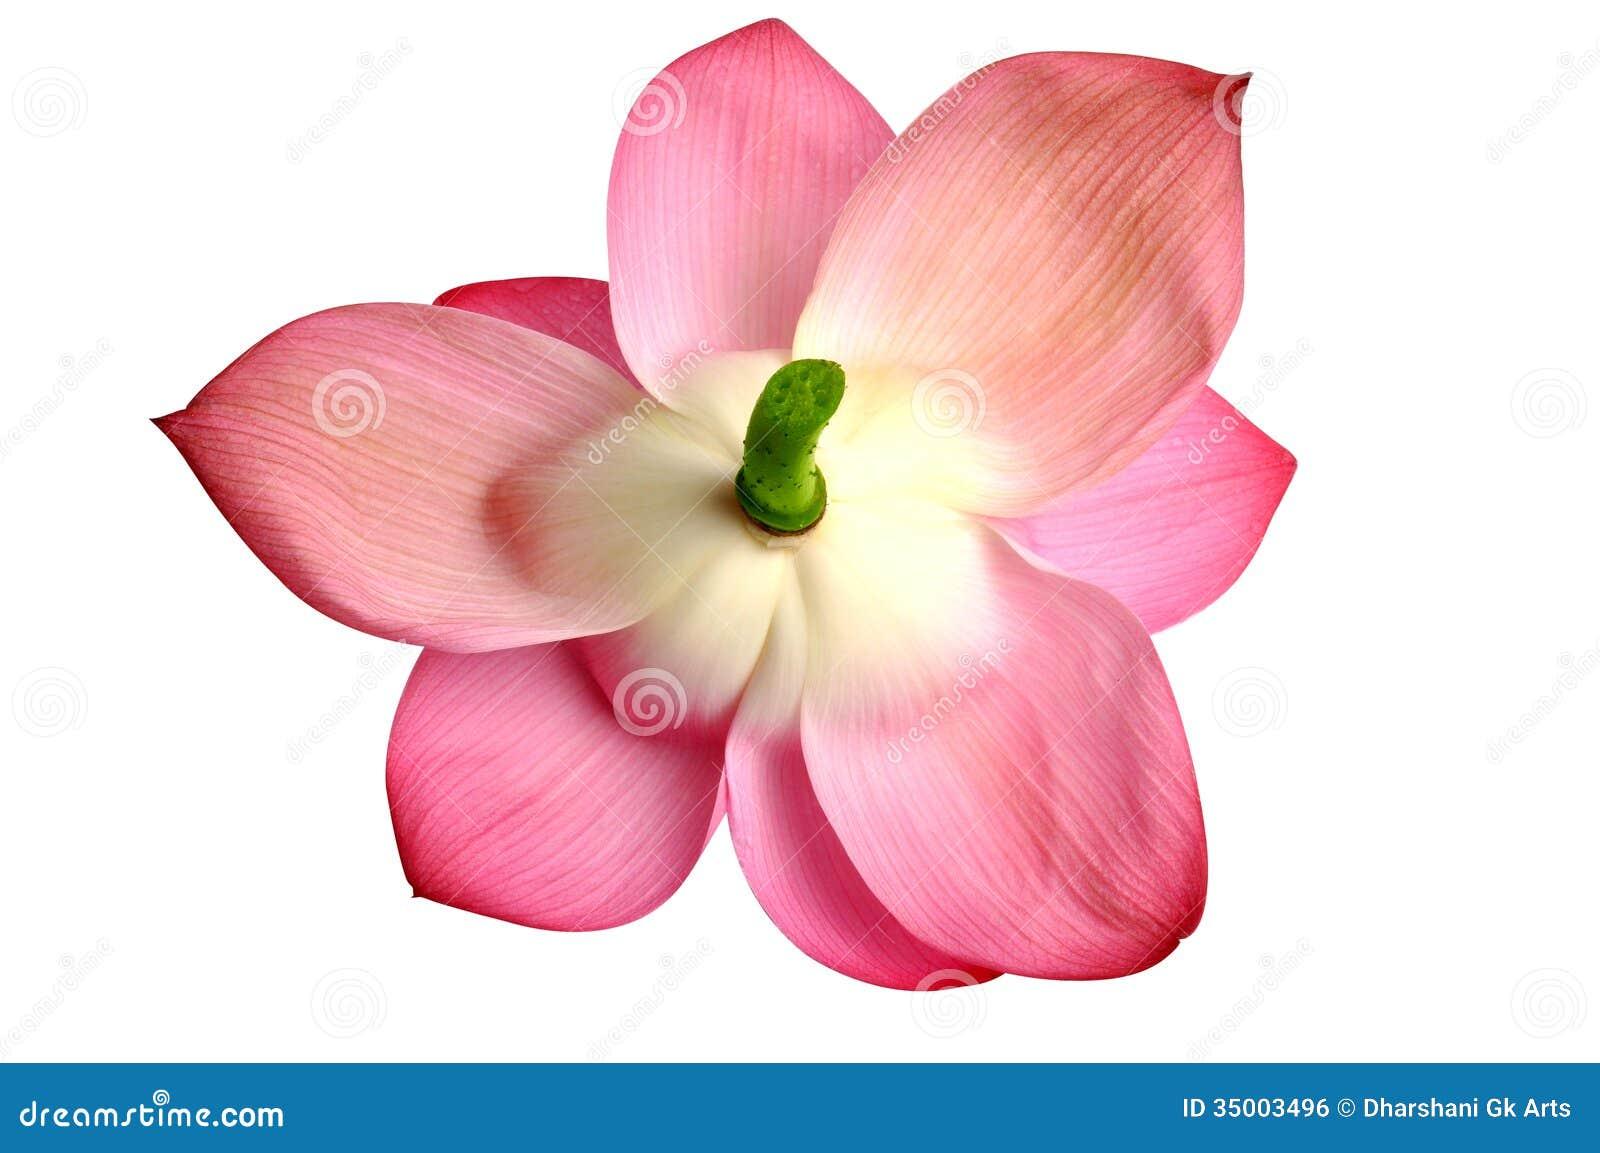 10 Real Lotus Flower Image